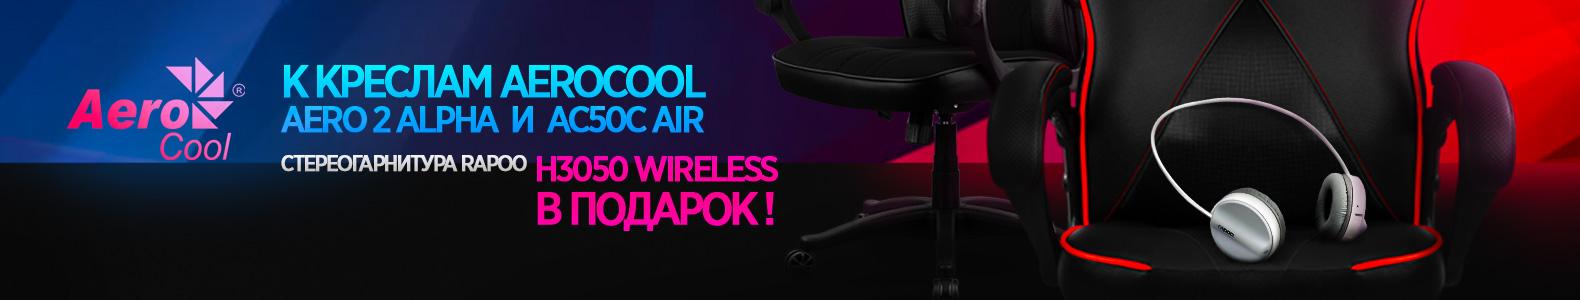 Подарок к креслам AeroCool!